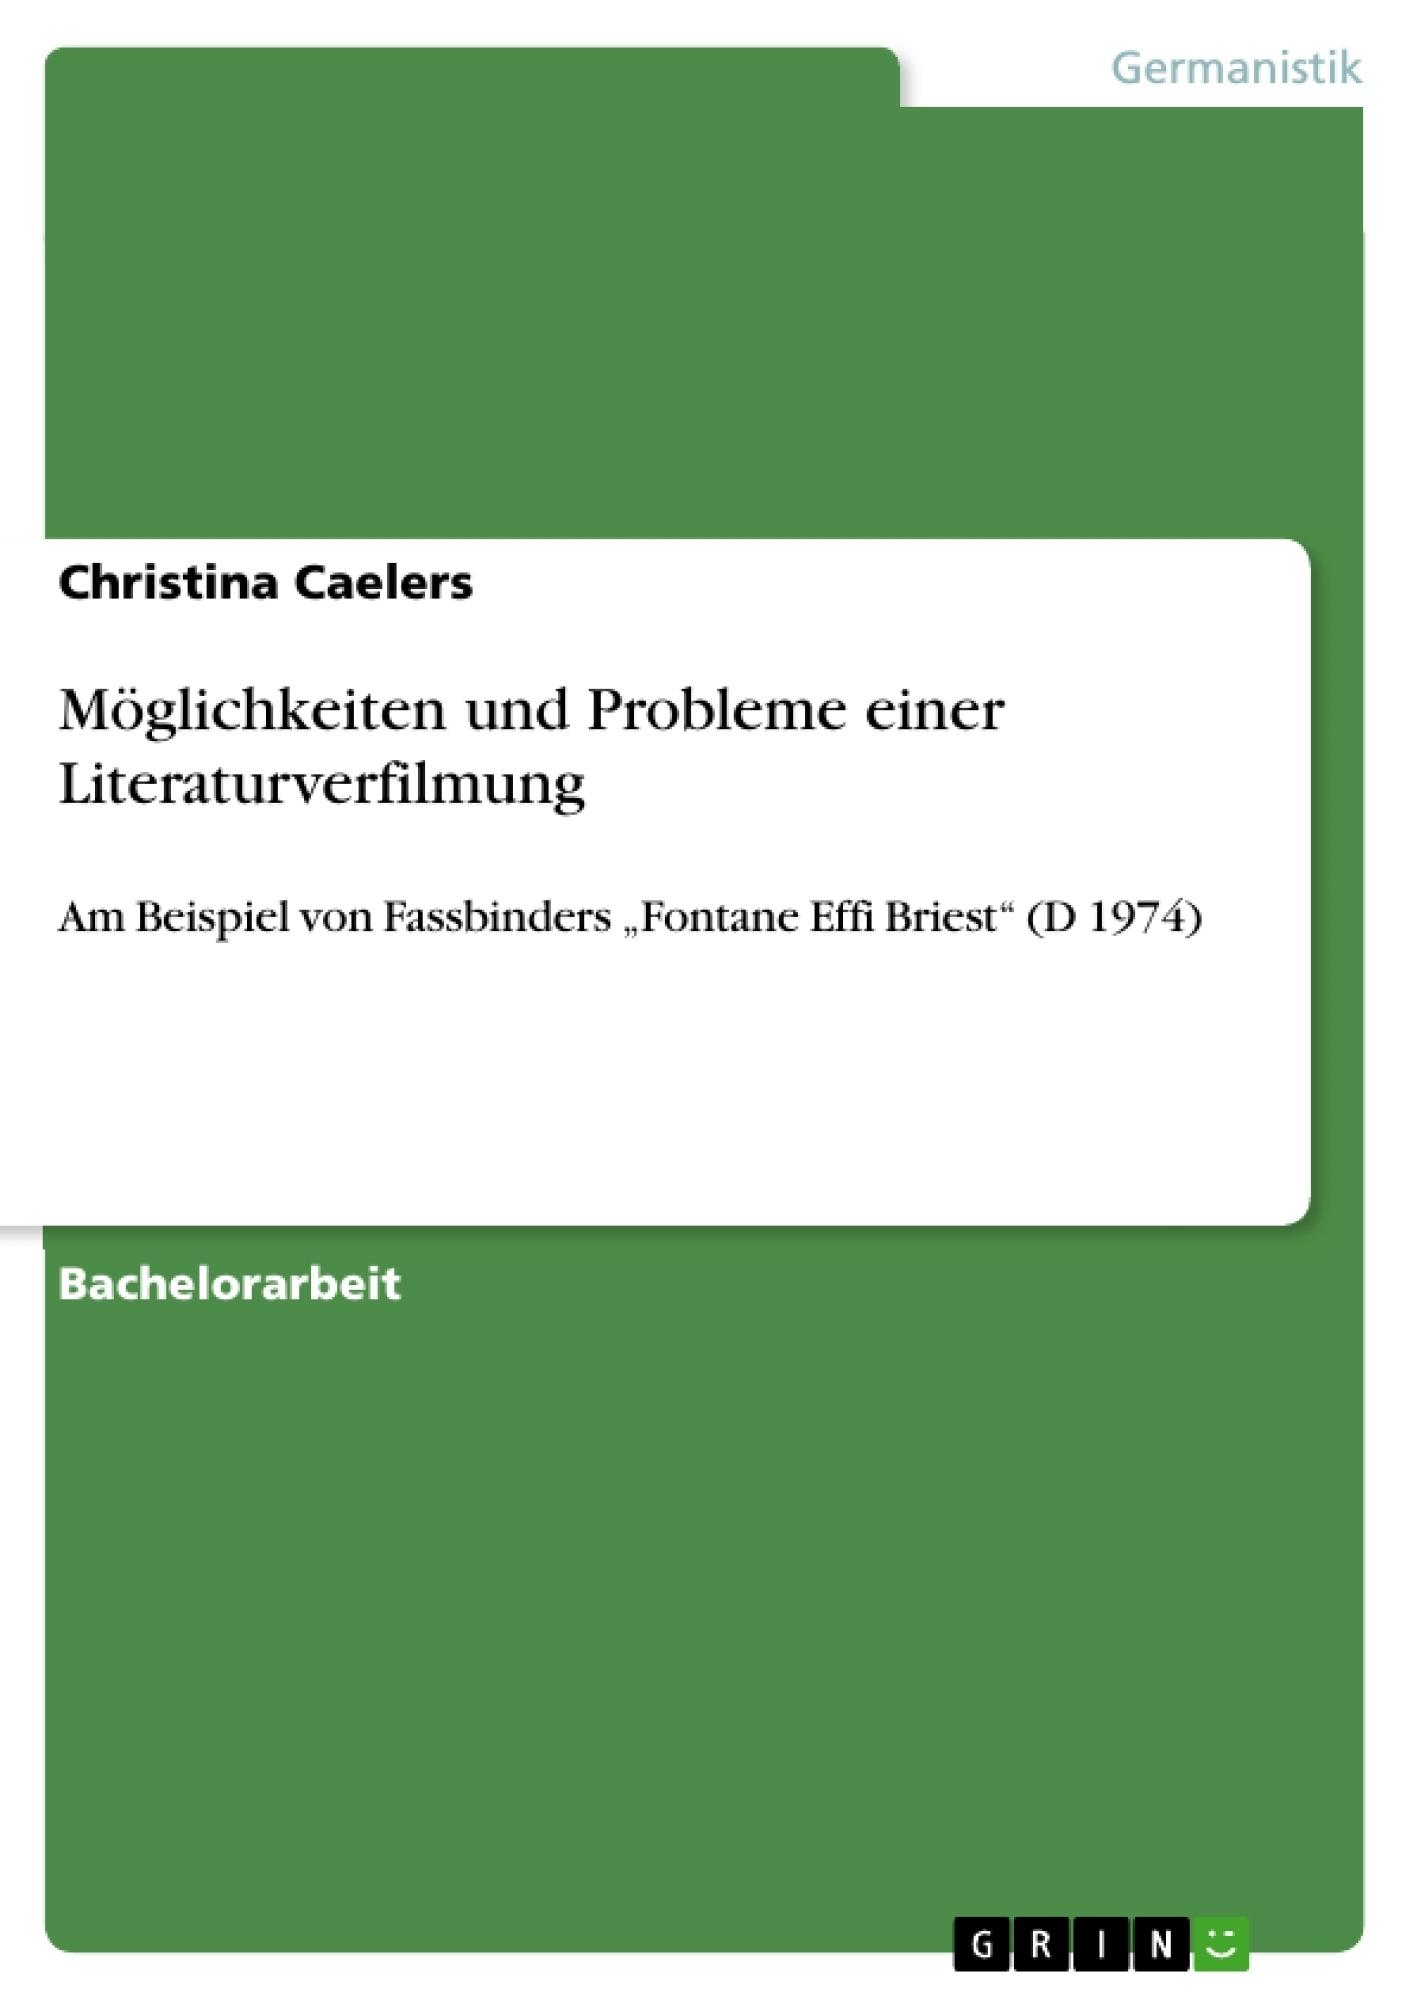 Titel: Möglichkeiten und Probleme einer Literaturverfilmung